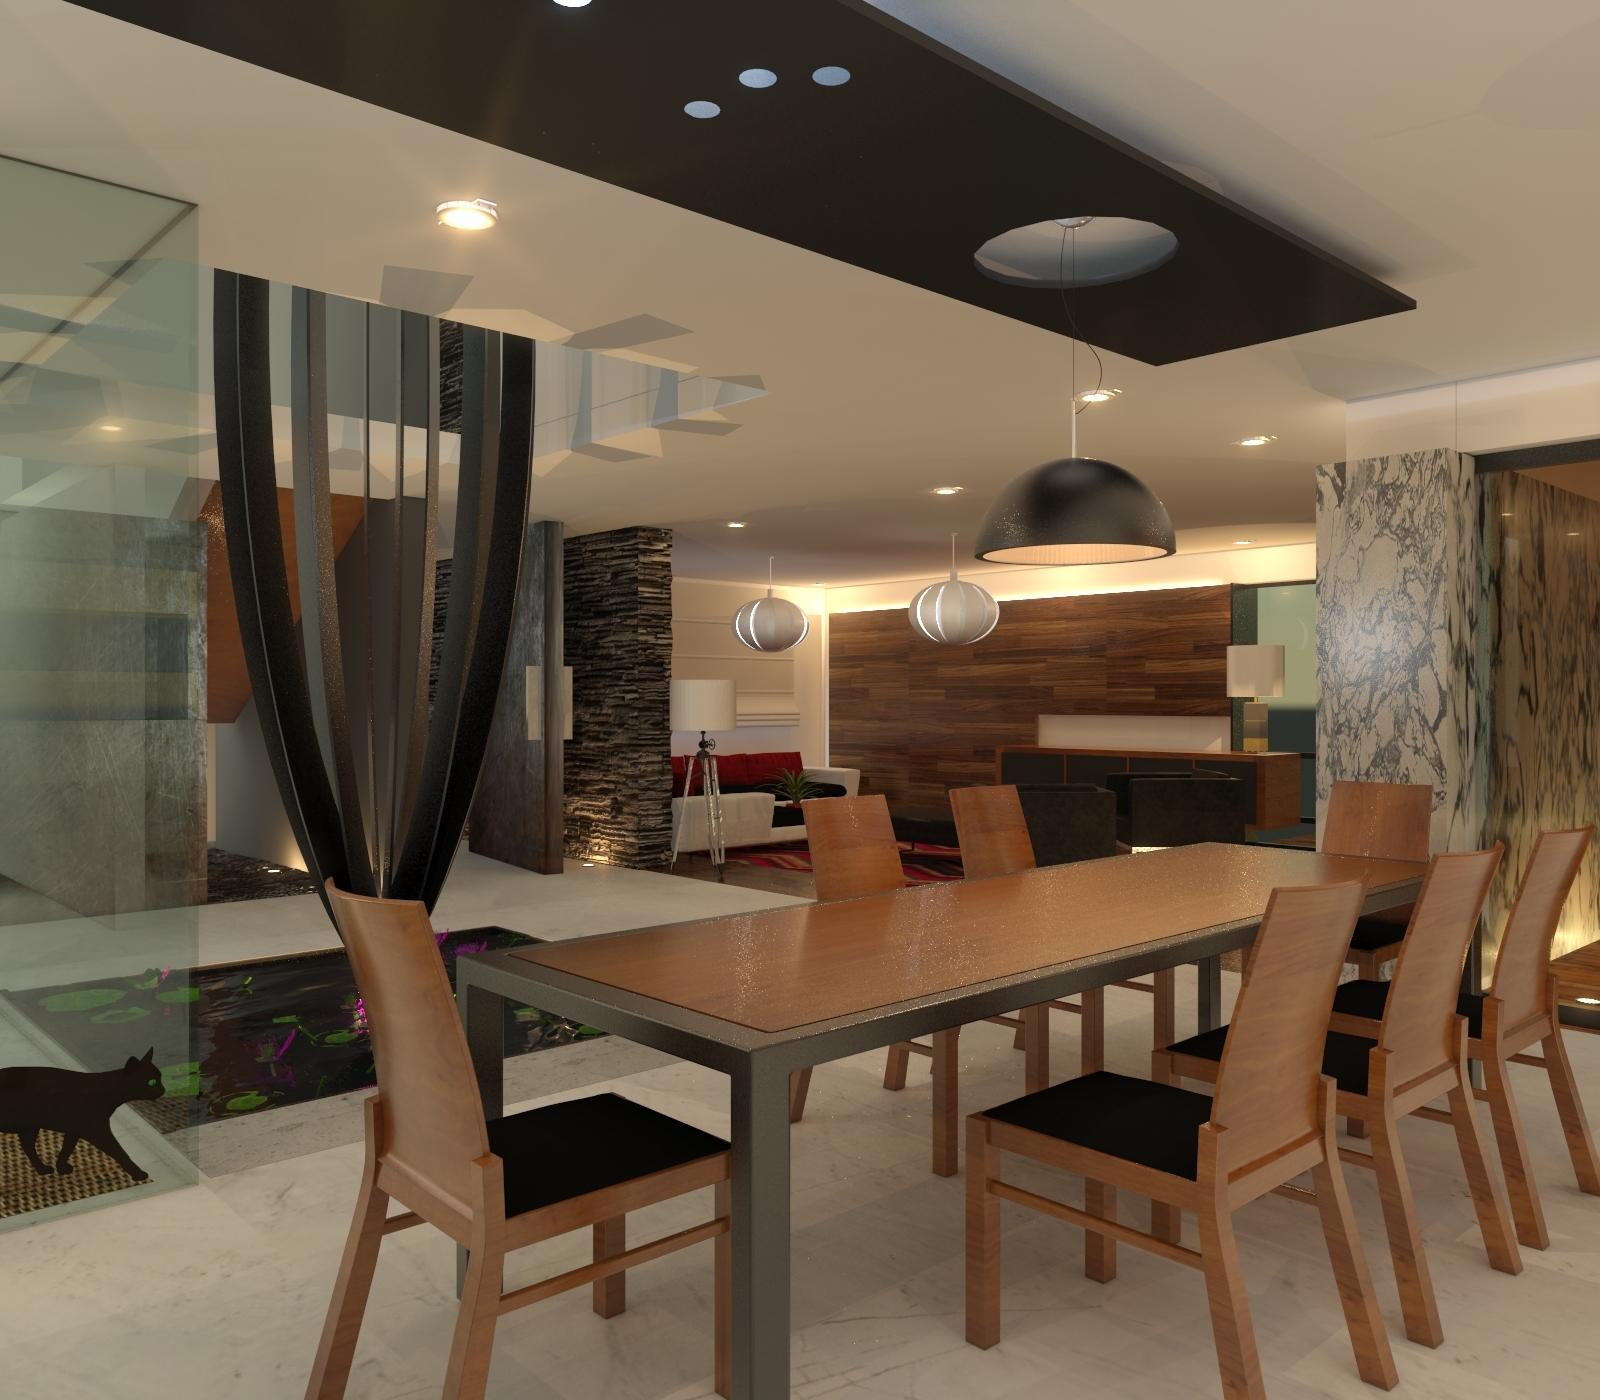 Dise o de interiores de casas residencias y departamentos for Diseno de interiores diseno contemporaneo